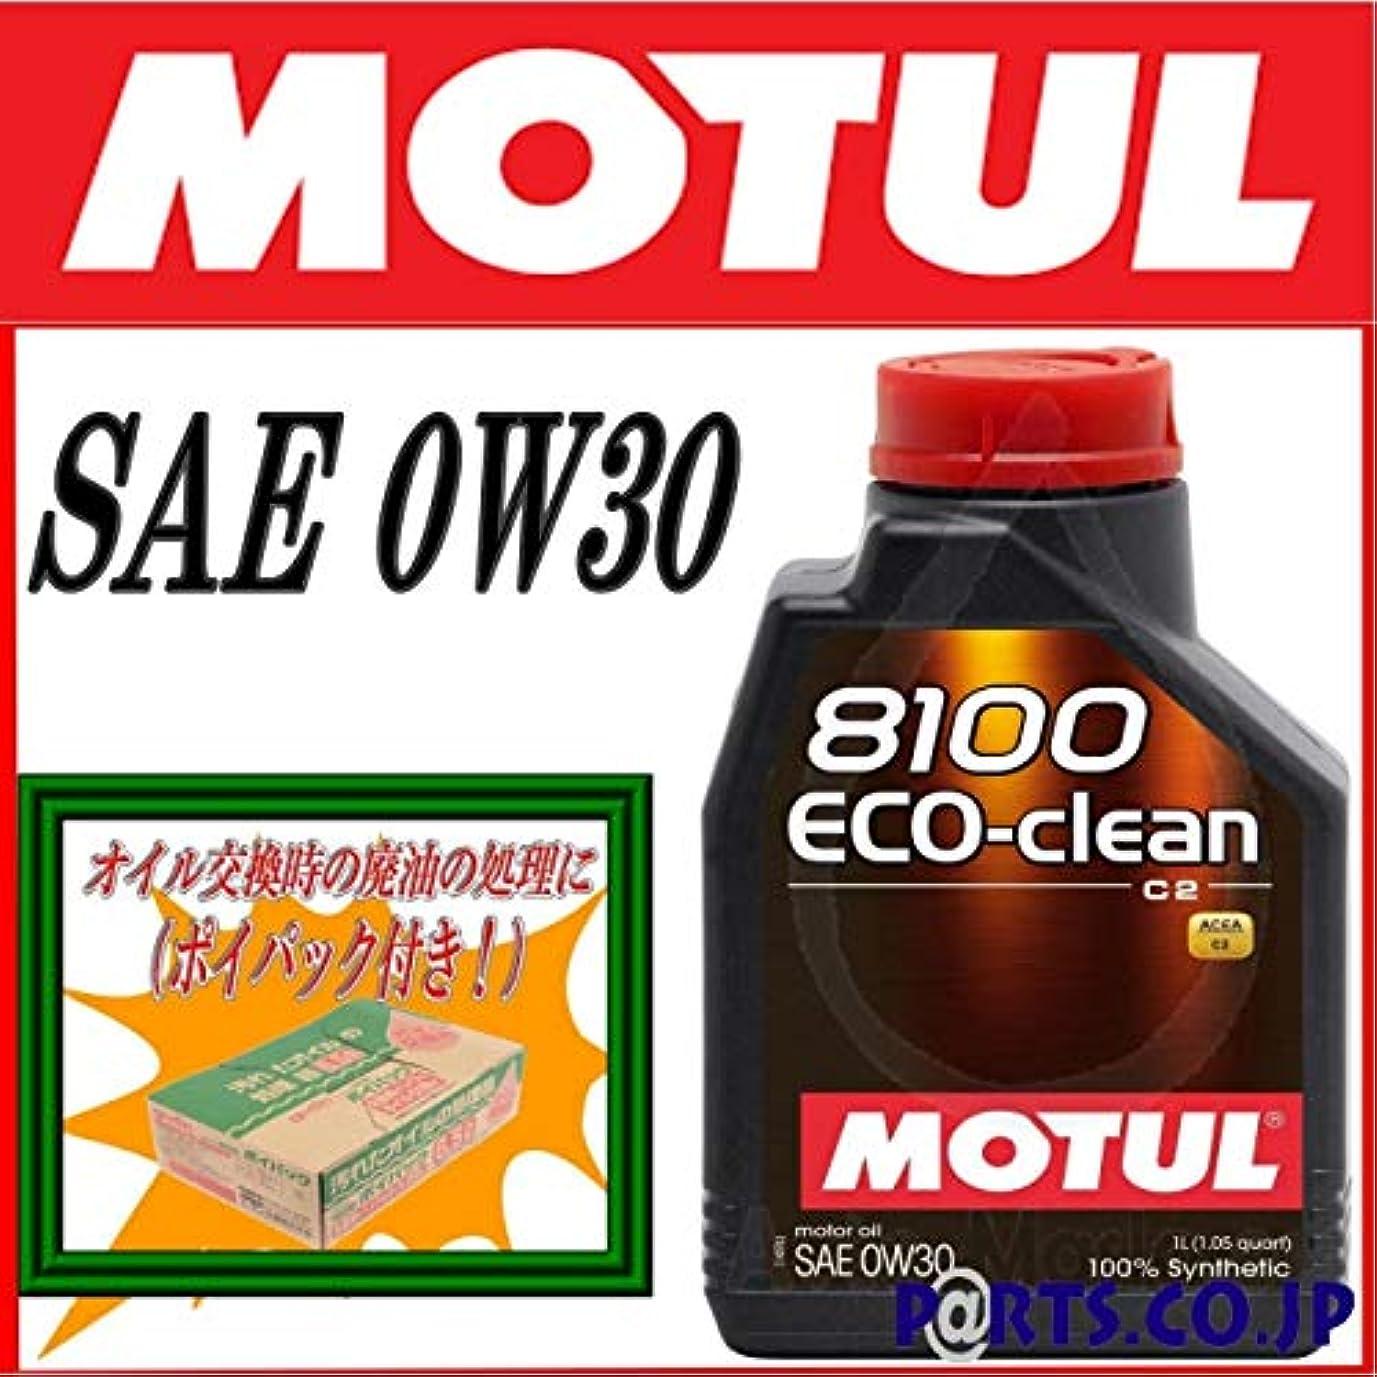 落ち着いた恋人付属品MOTUL 8100ECO-clean 0W30 1Lx3 ポイパック4.5Lx1 スバル R2 RC2 EN07E